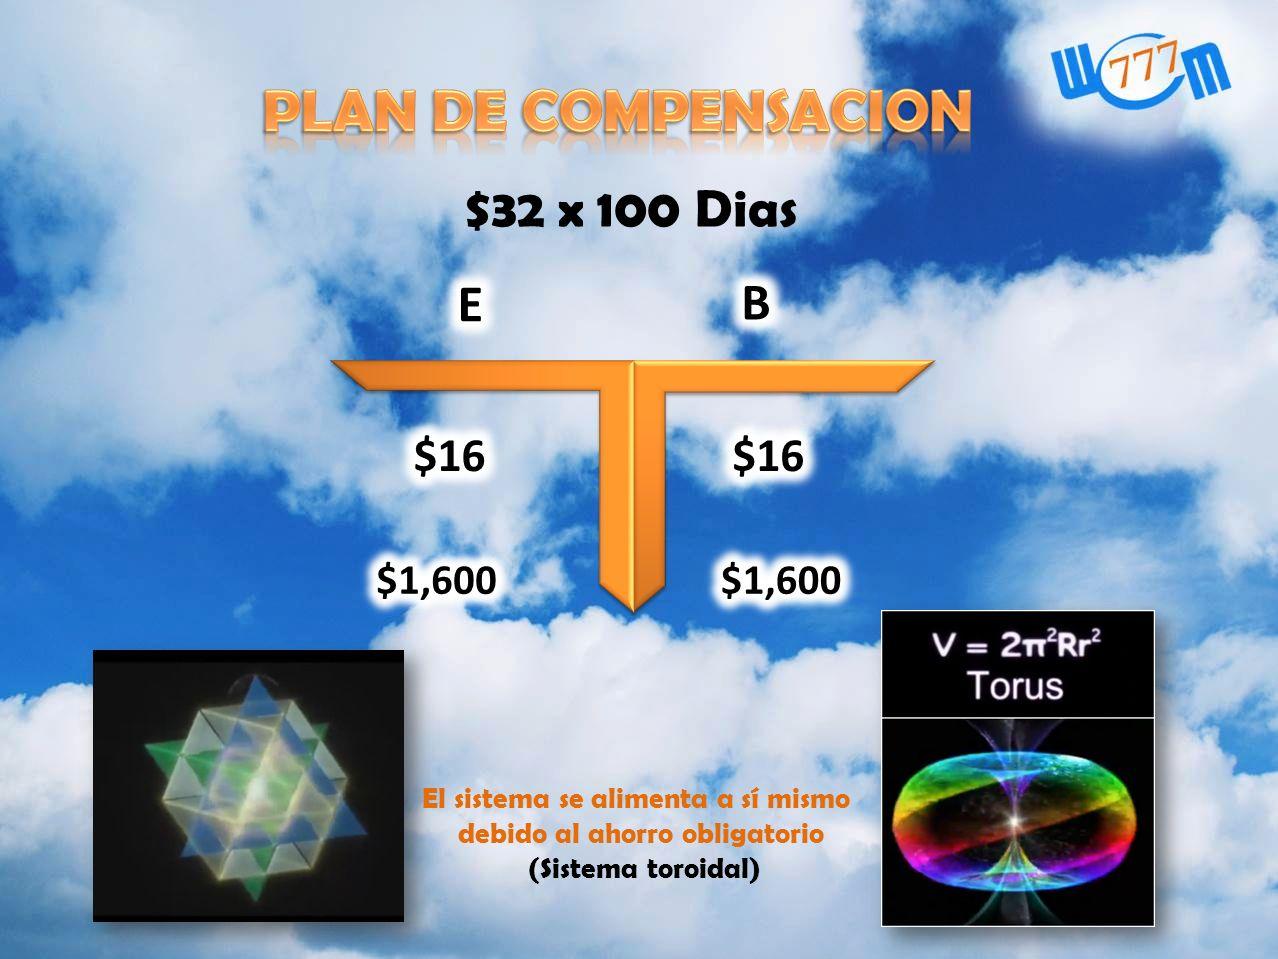 PLAN DE COMPENSACION $32 x 100 Dias E B $16 $1,600